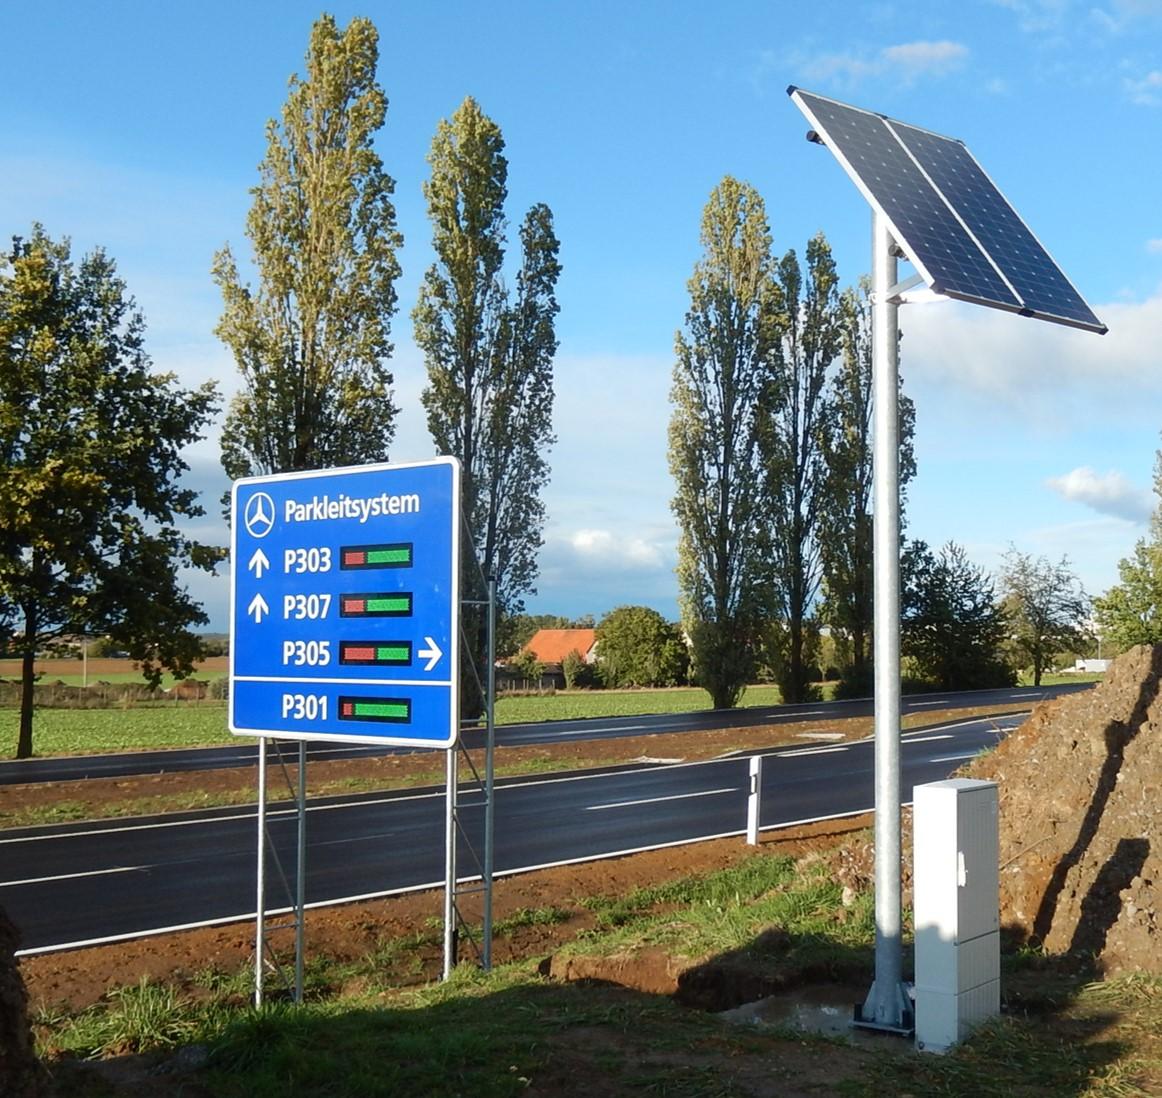 Wechselverkehrszeichen weisen frühzeitig die Parkmöglichkeiten